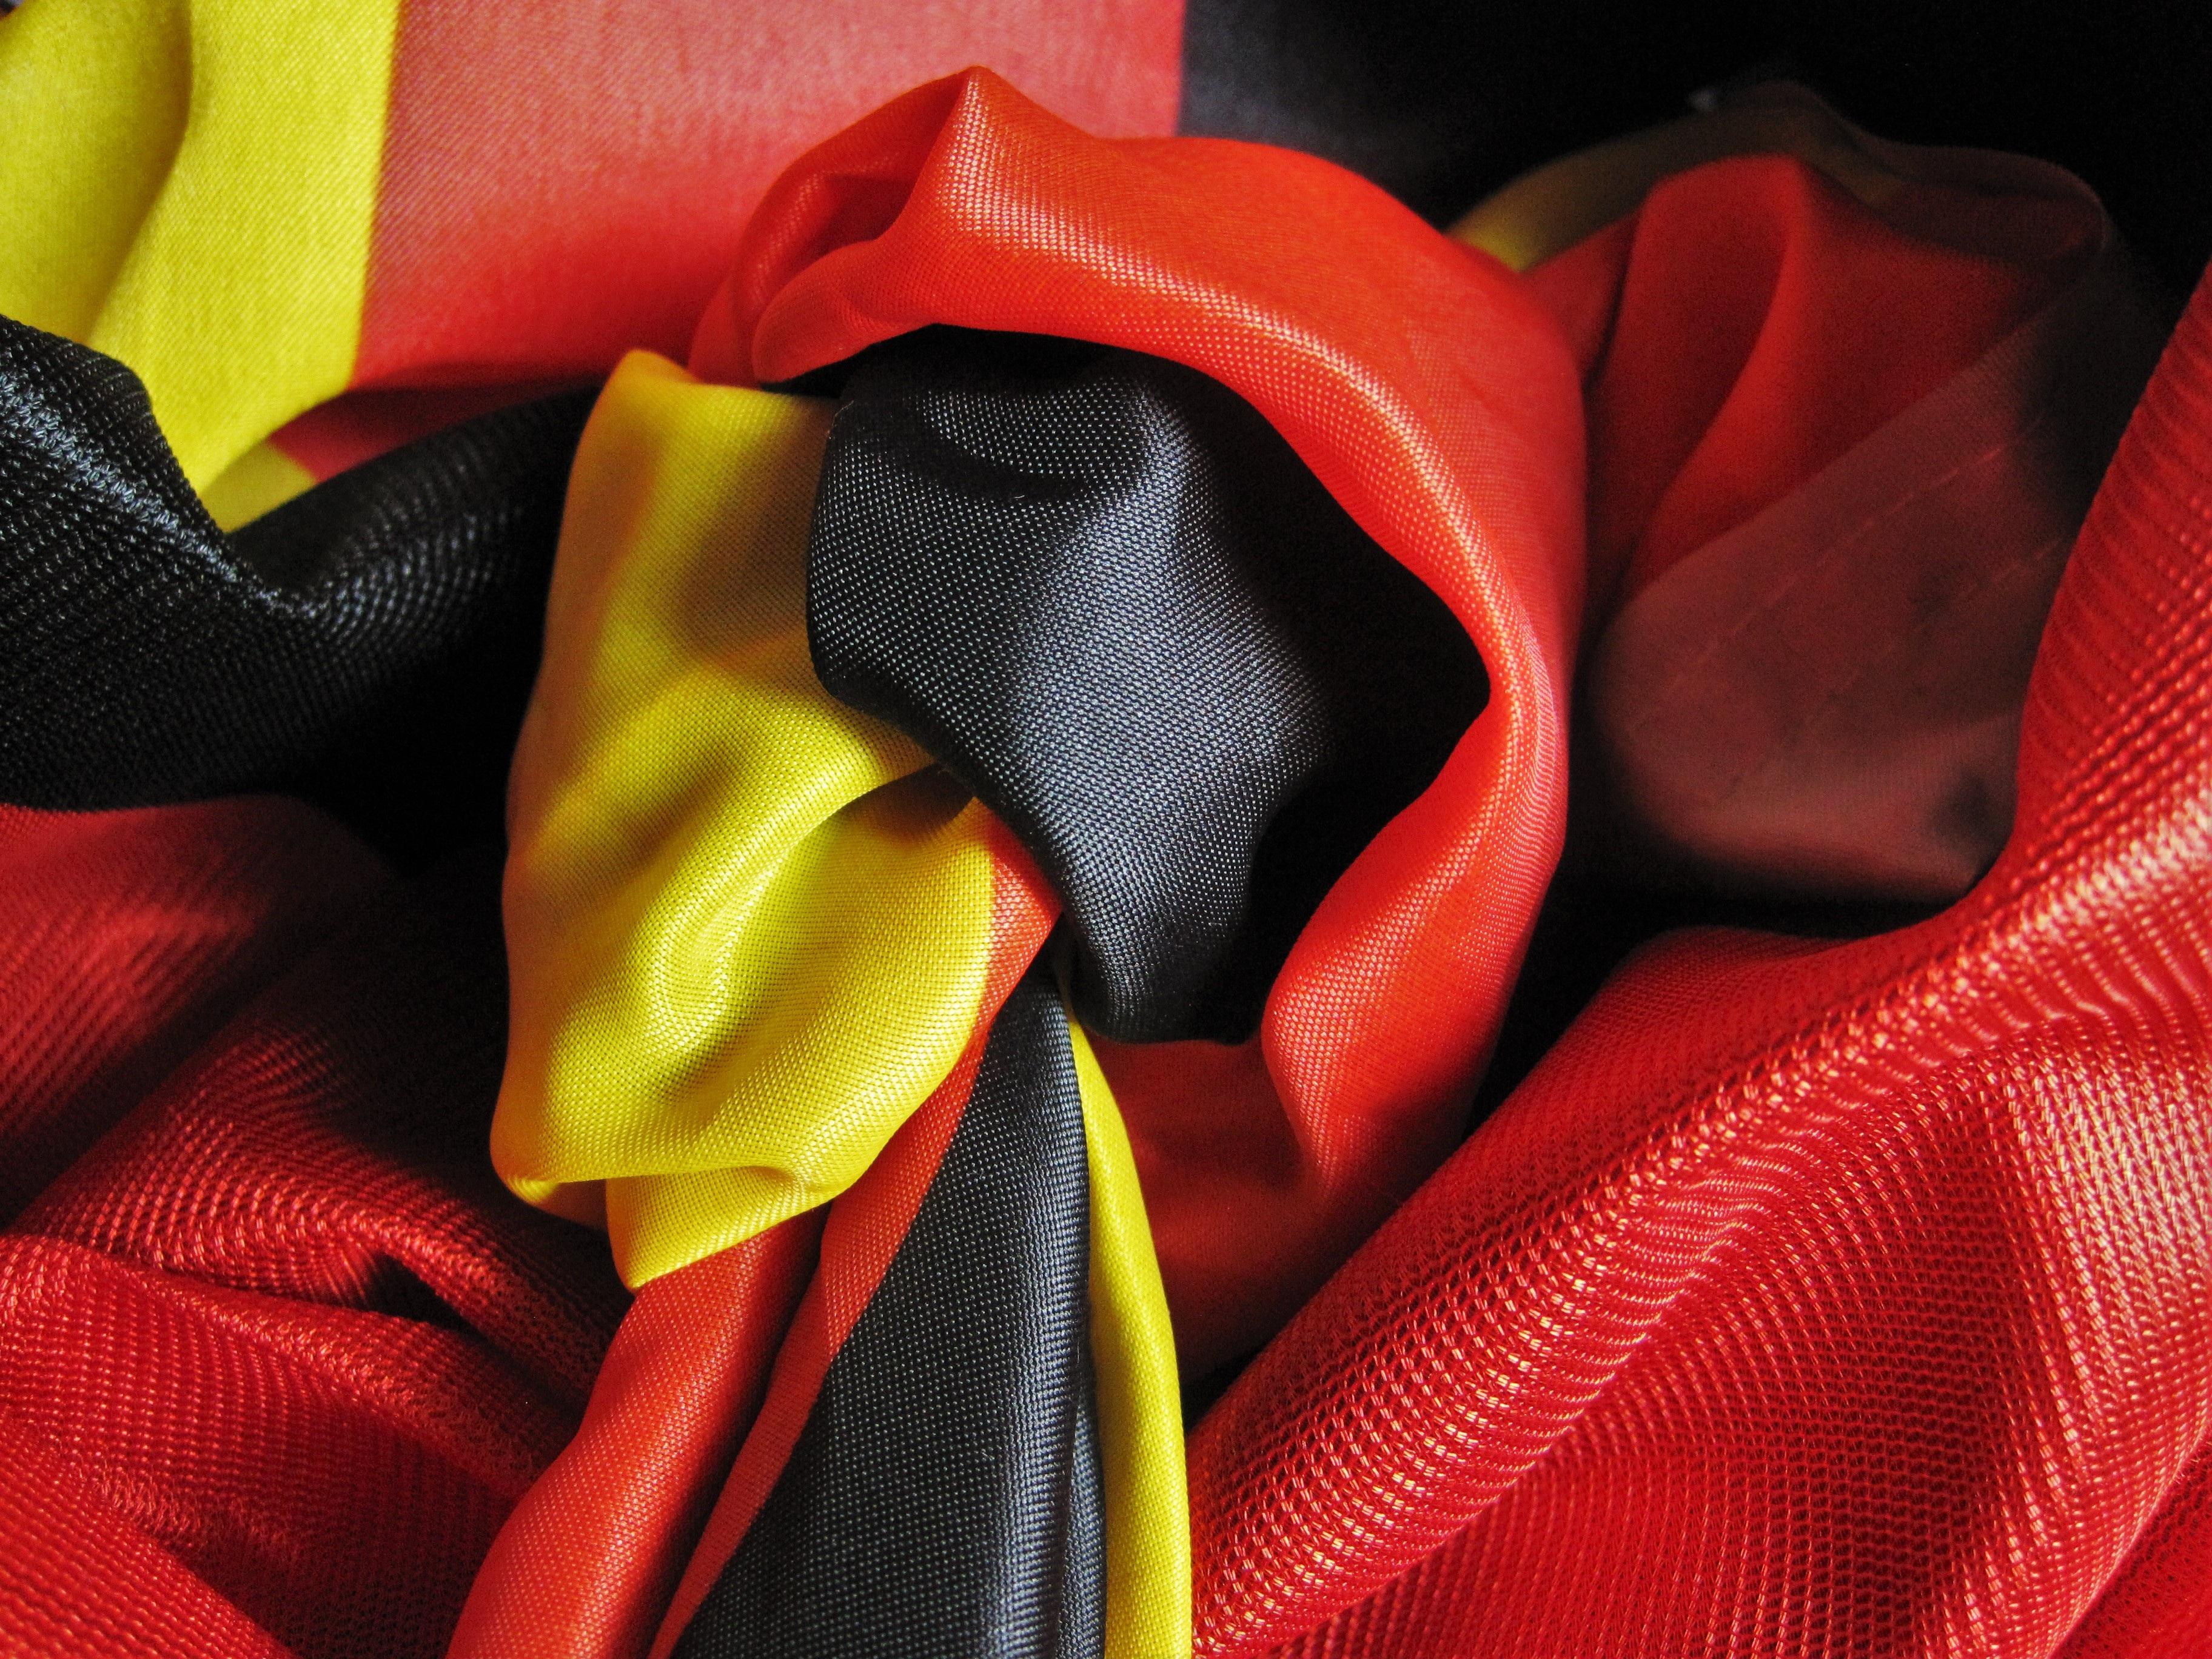 무료 이미지 : 꽃잎, 주황색, 빨간, 색깔, 깃발, 노랑, 담홍색 ...